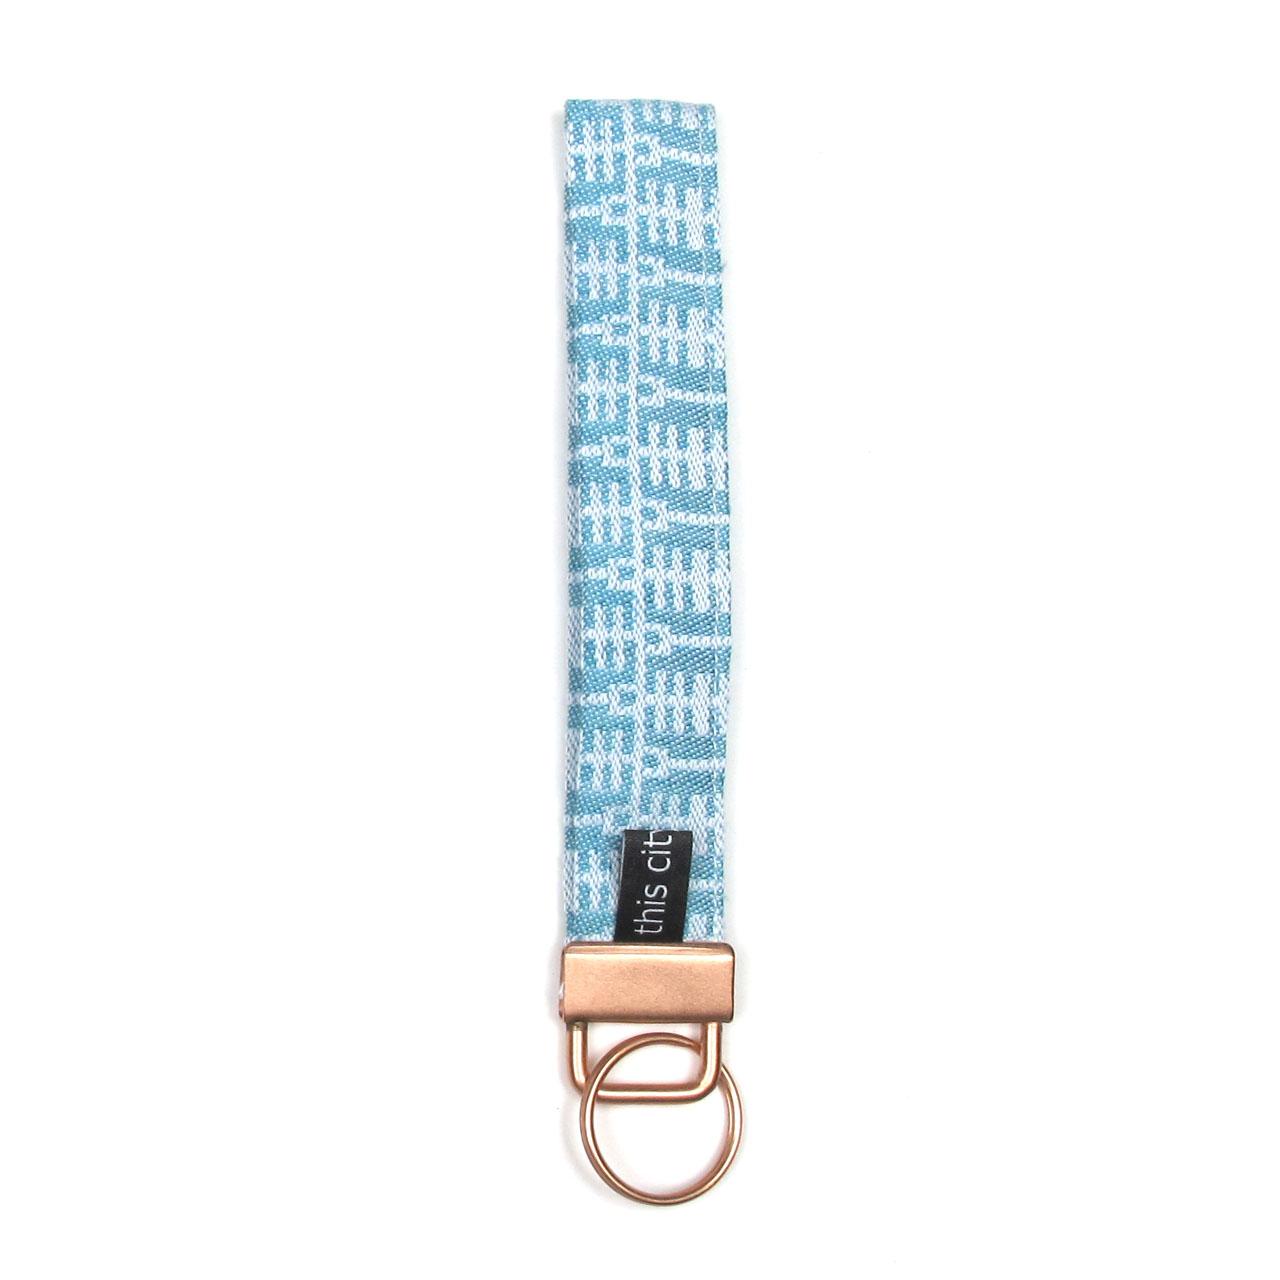 Schlüsselanhänger mit Schlaufe mint/kupfer